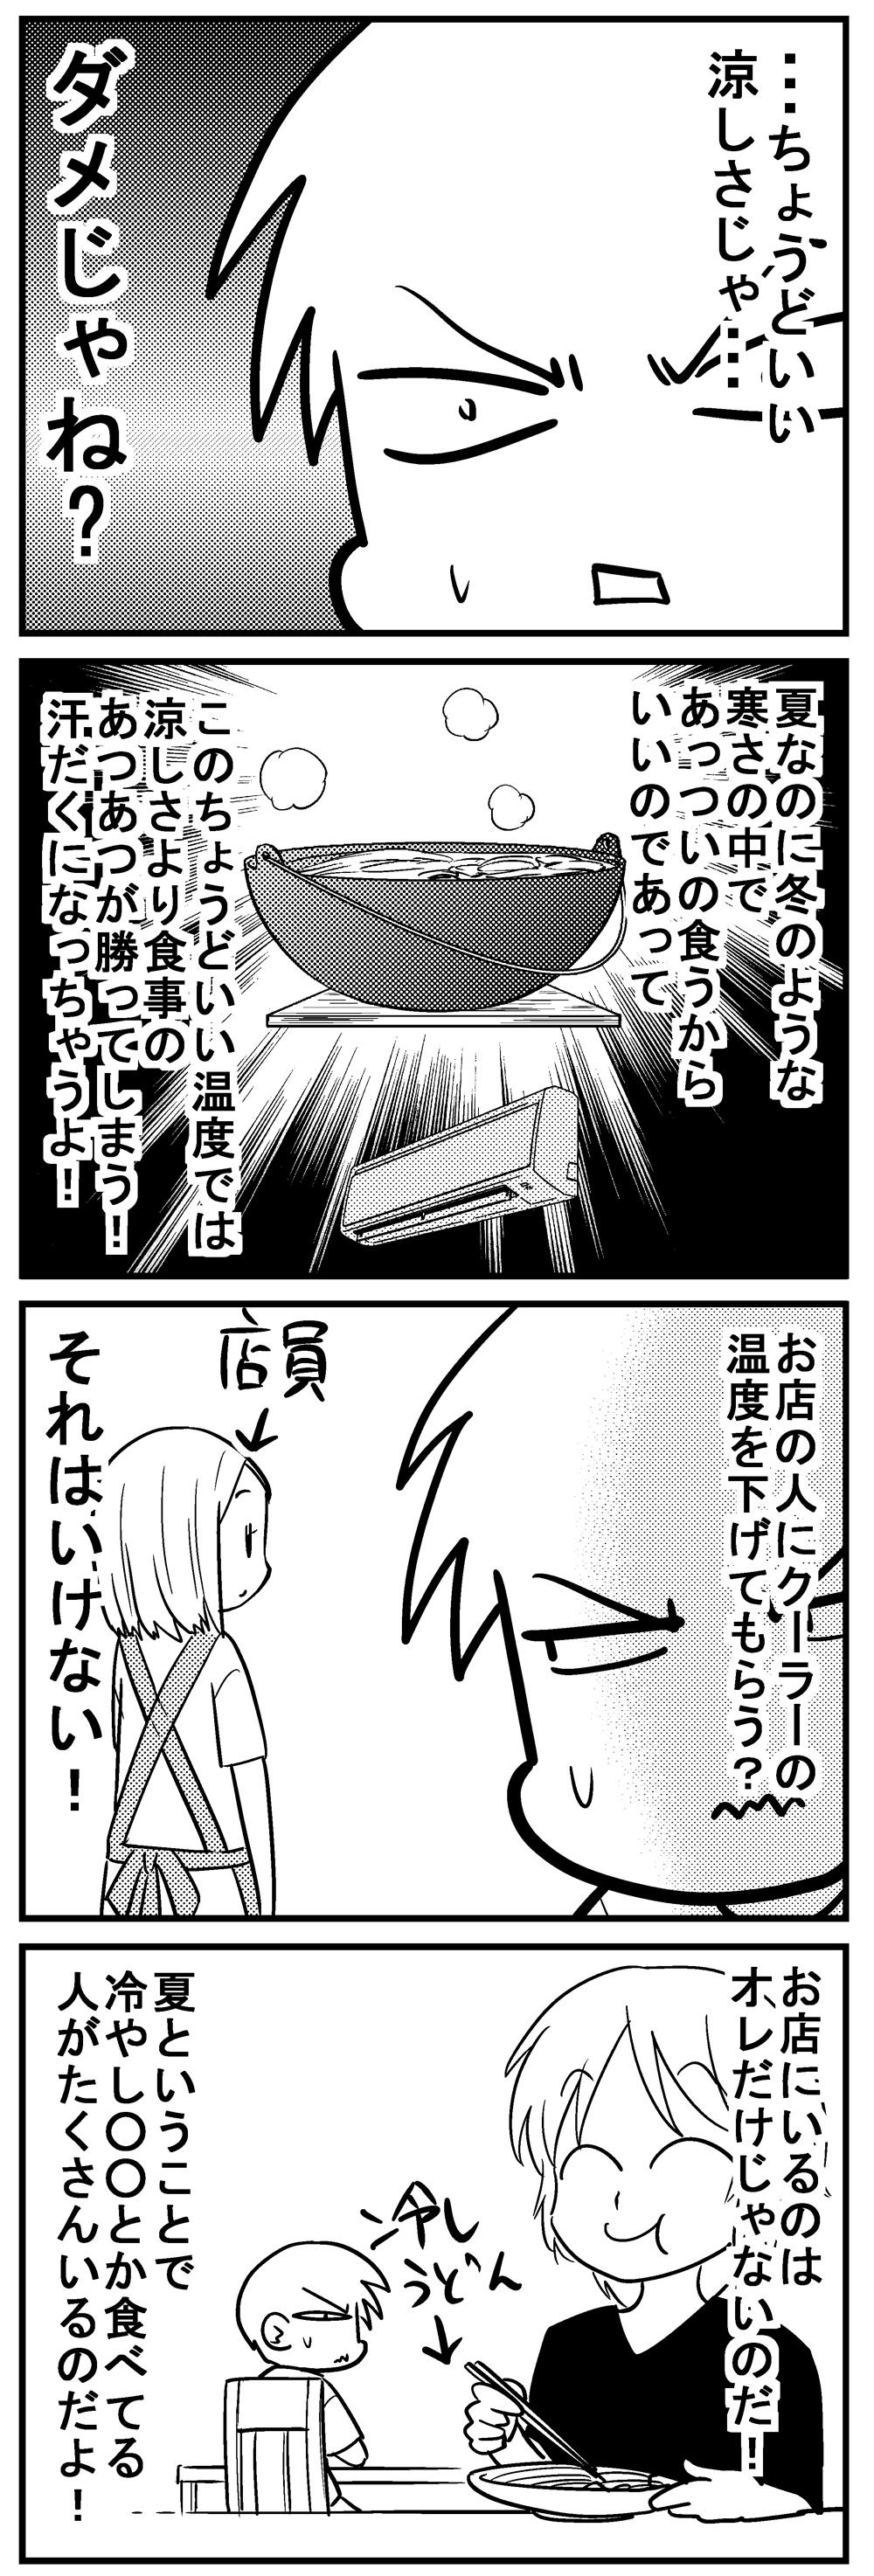 深読みくん72 3